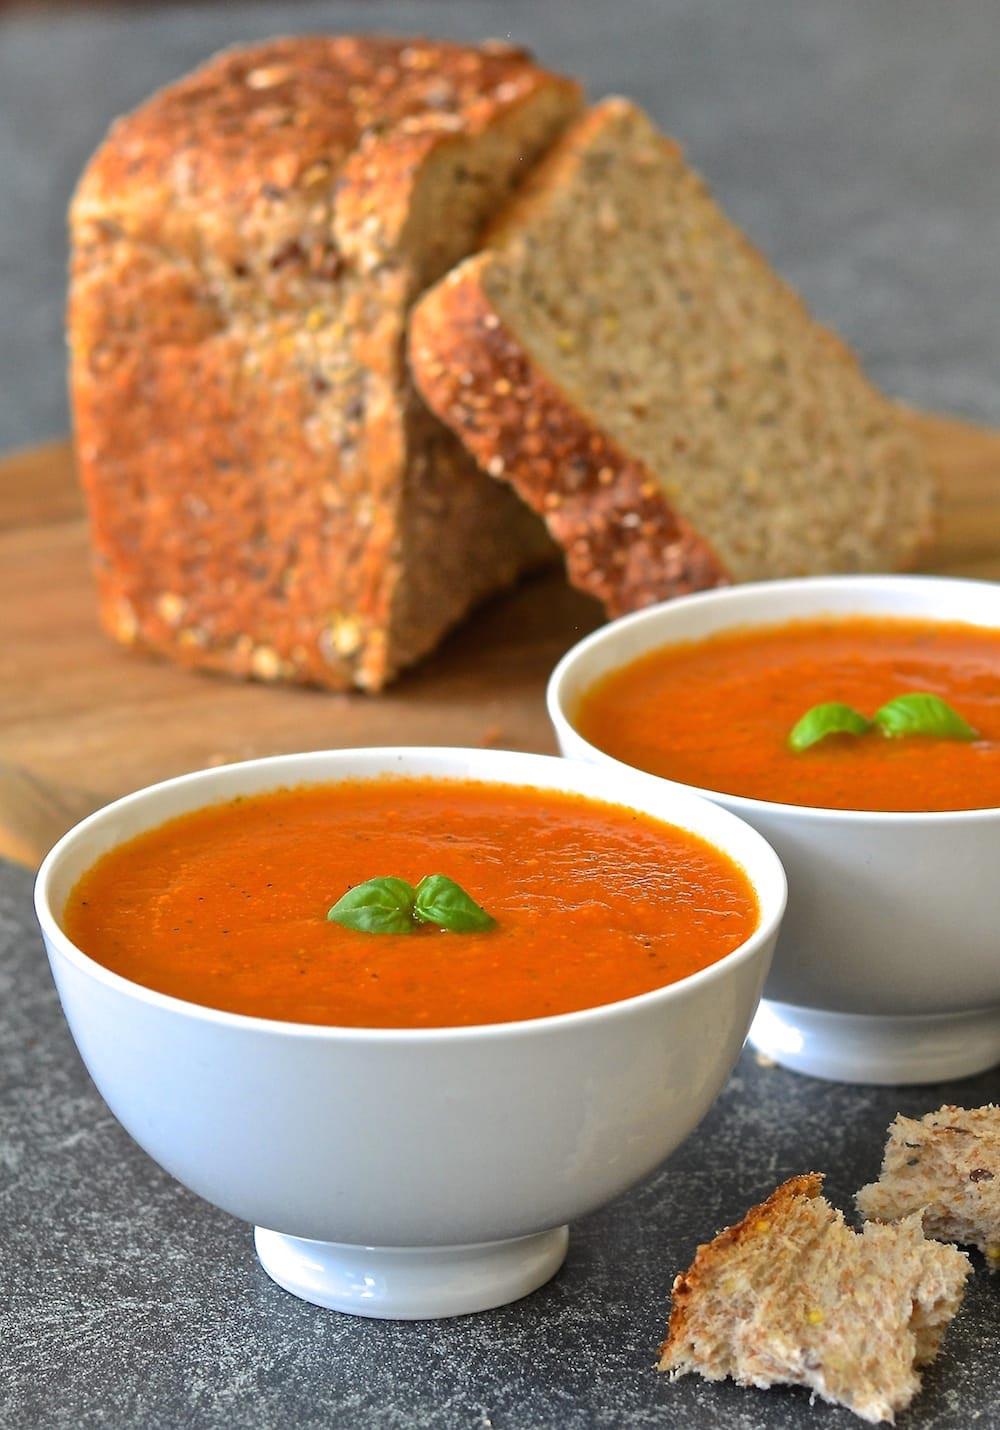 碗裡的番茄羅勒湯